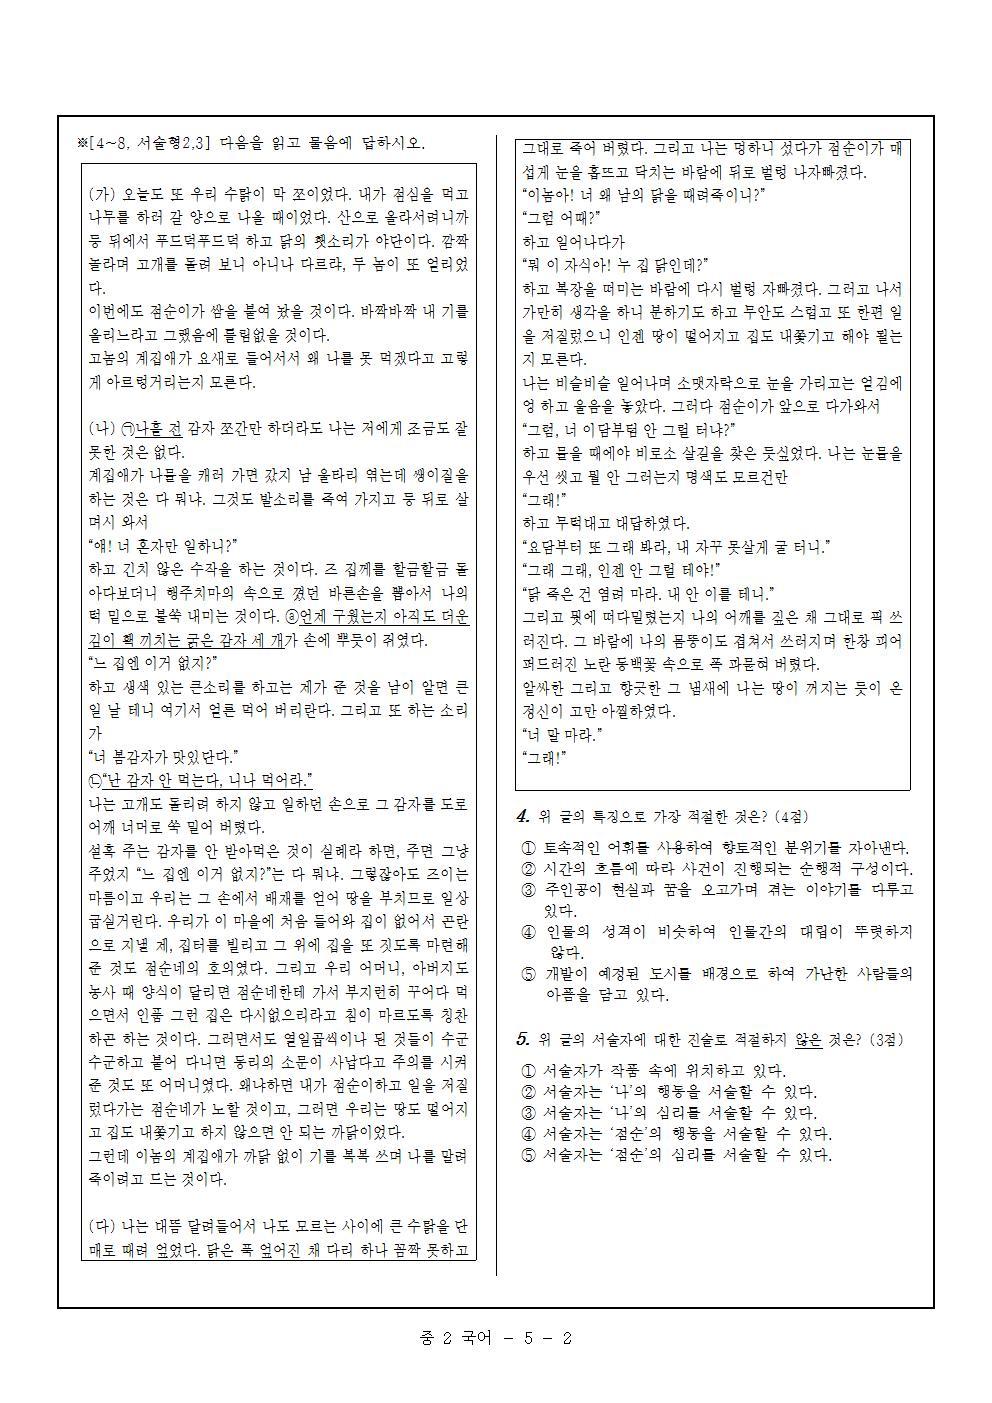 [일반] 2014학년도 1학기 1차지필평가 2학년국어 원안지 및 정답해설의 첨부이미지 2